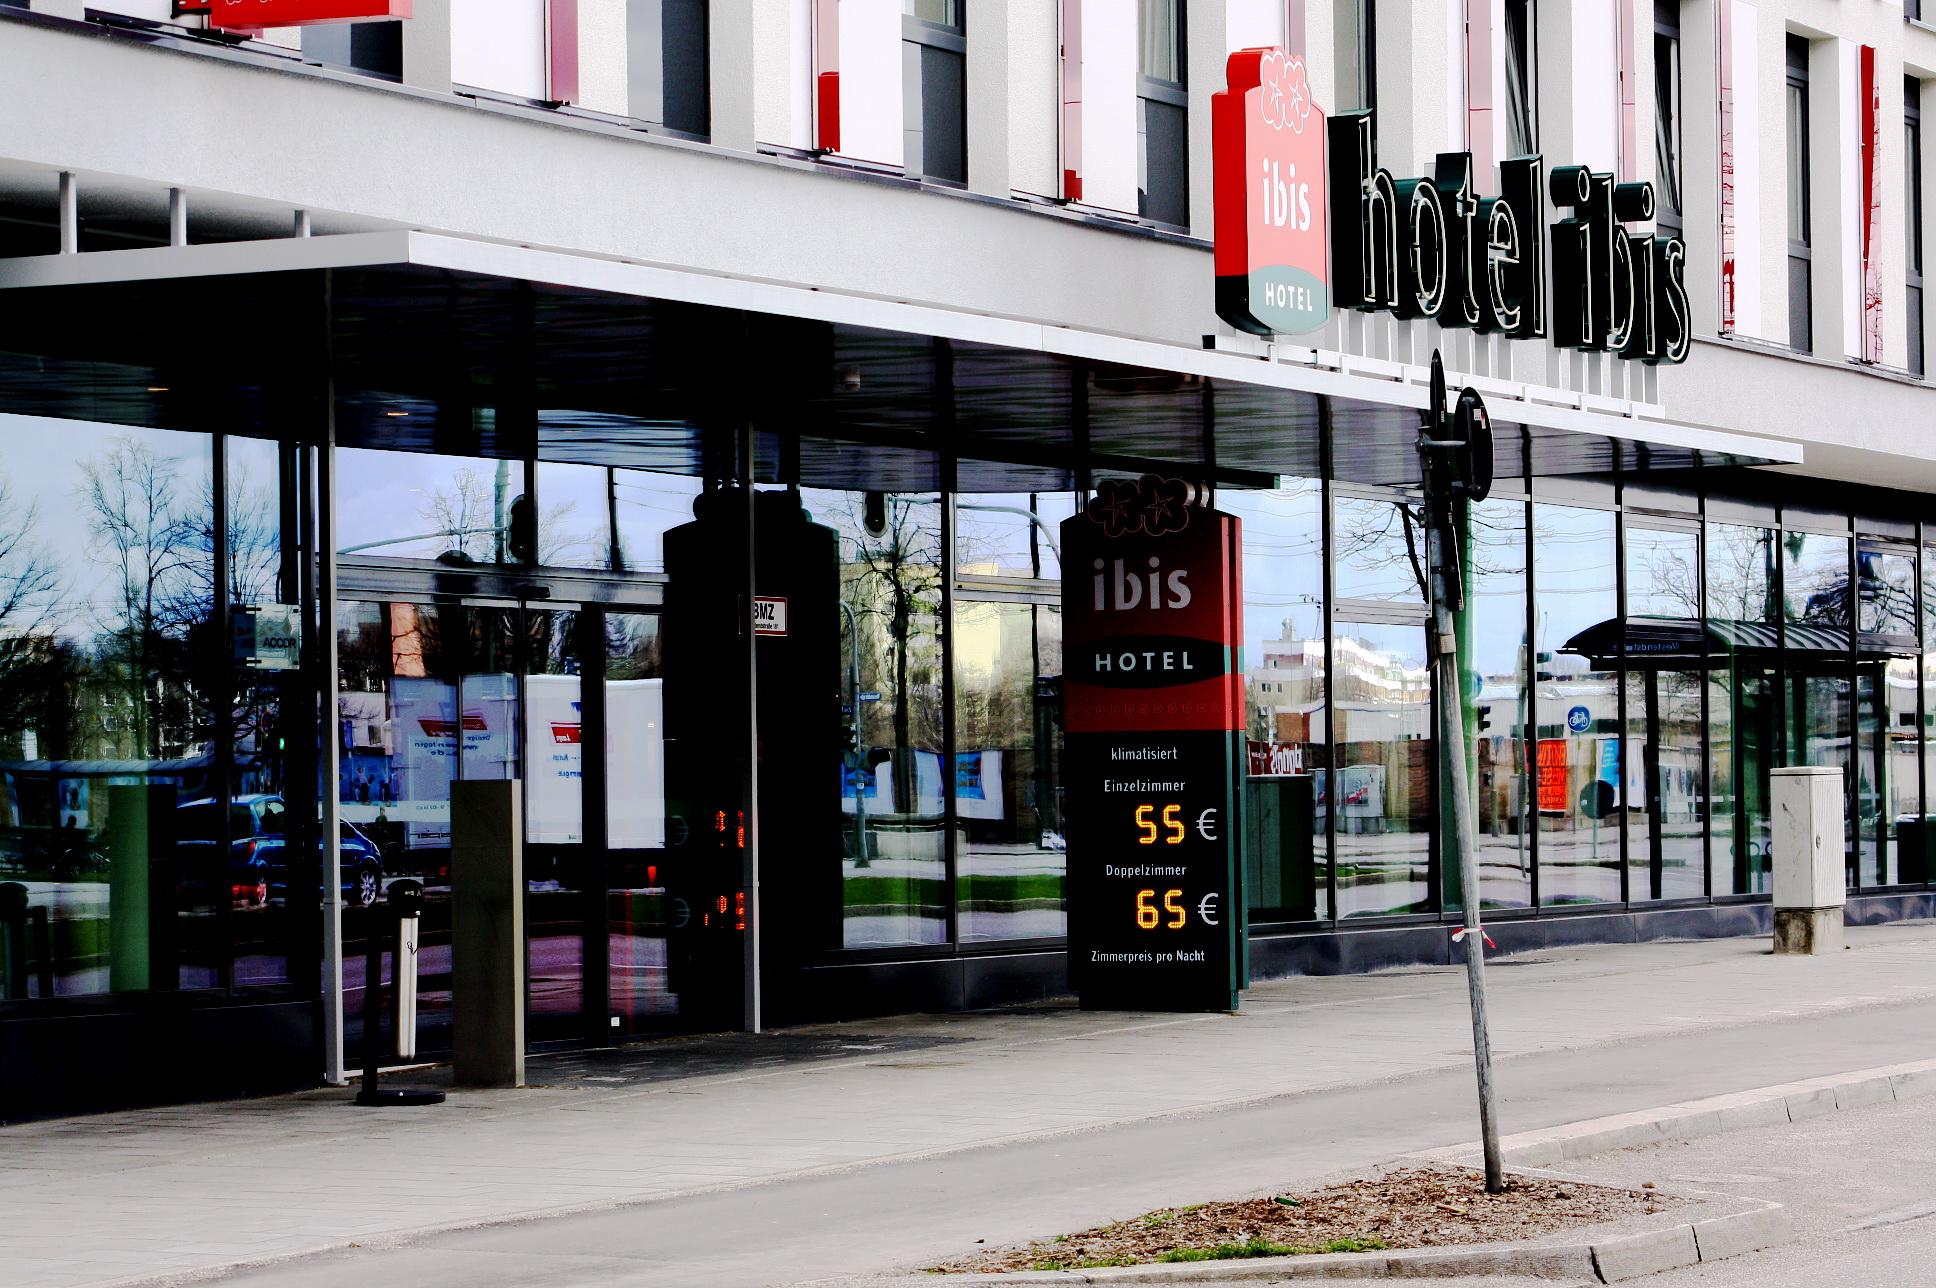 Hotel Ibis Munchen Mebe Ost